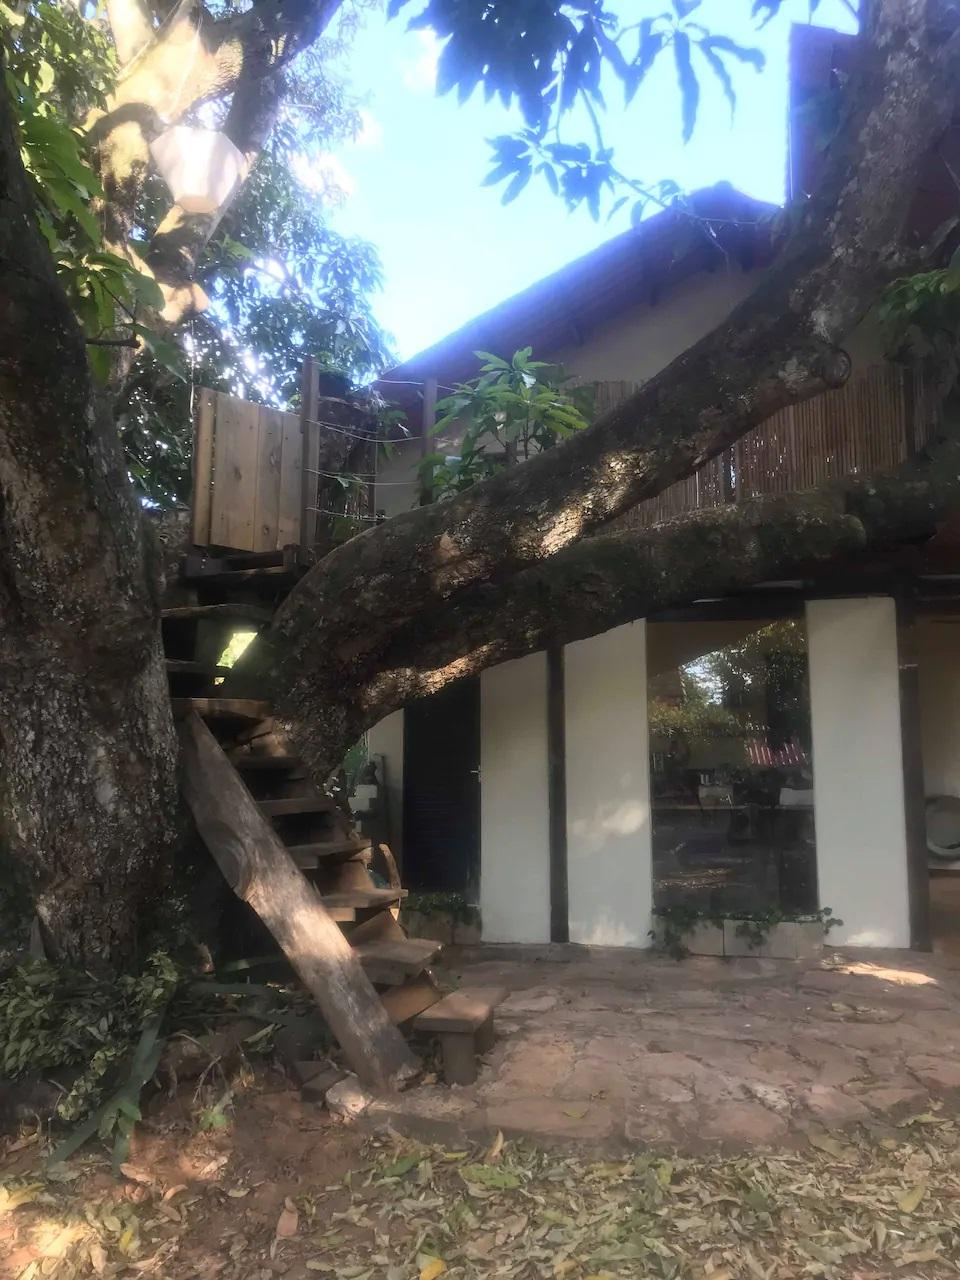 Casa na árvore (Foto: Divulgação/Airbnb)